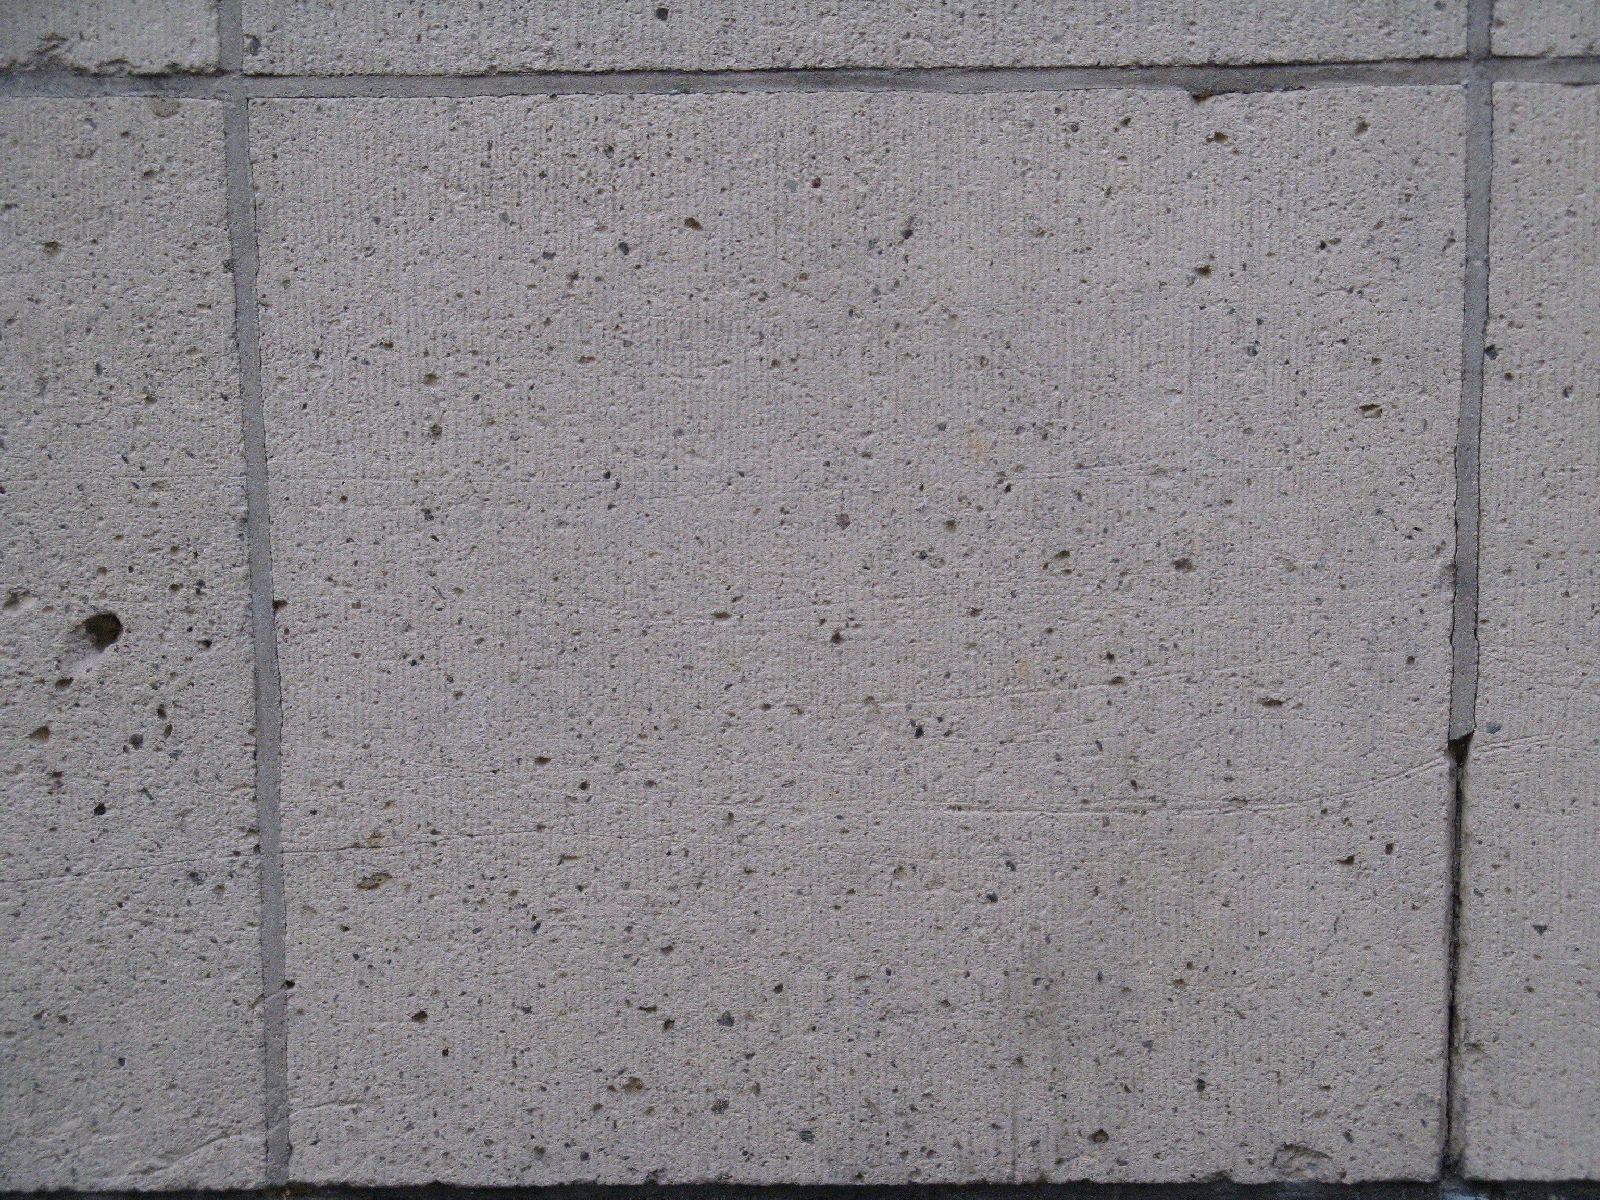 Wand-Steinbloecke-Quader_Textur_B_4587